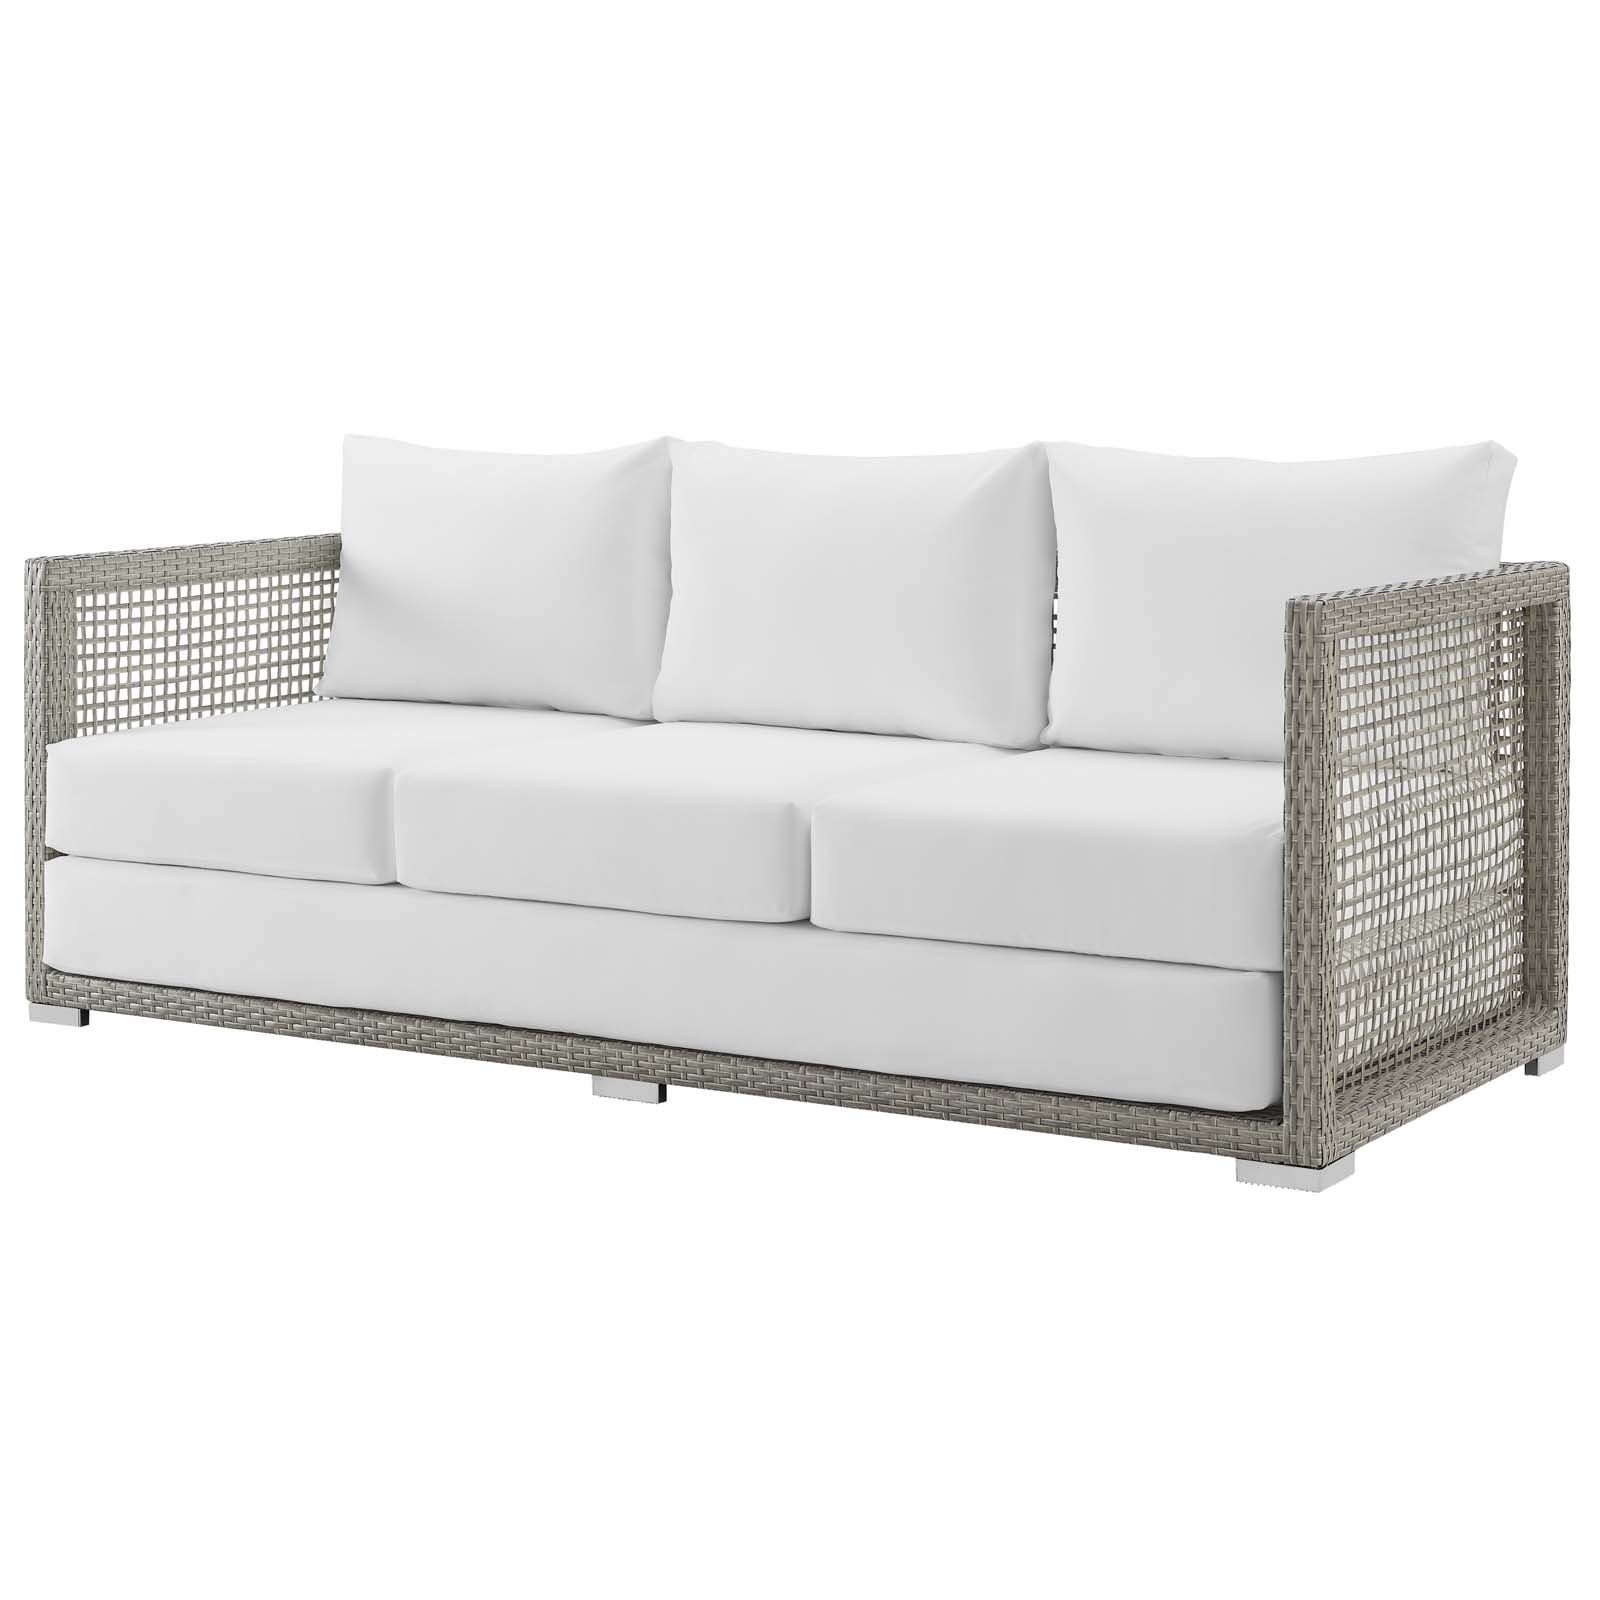 Modern Contemporary Urban Design Outdoor Patio Balcony Garden Furniture Lounge Sofa Rattan Wicker Grey Gray White Walmart Com Outdoor Sofa Patio Sofa Lounge Sofa